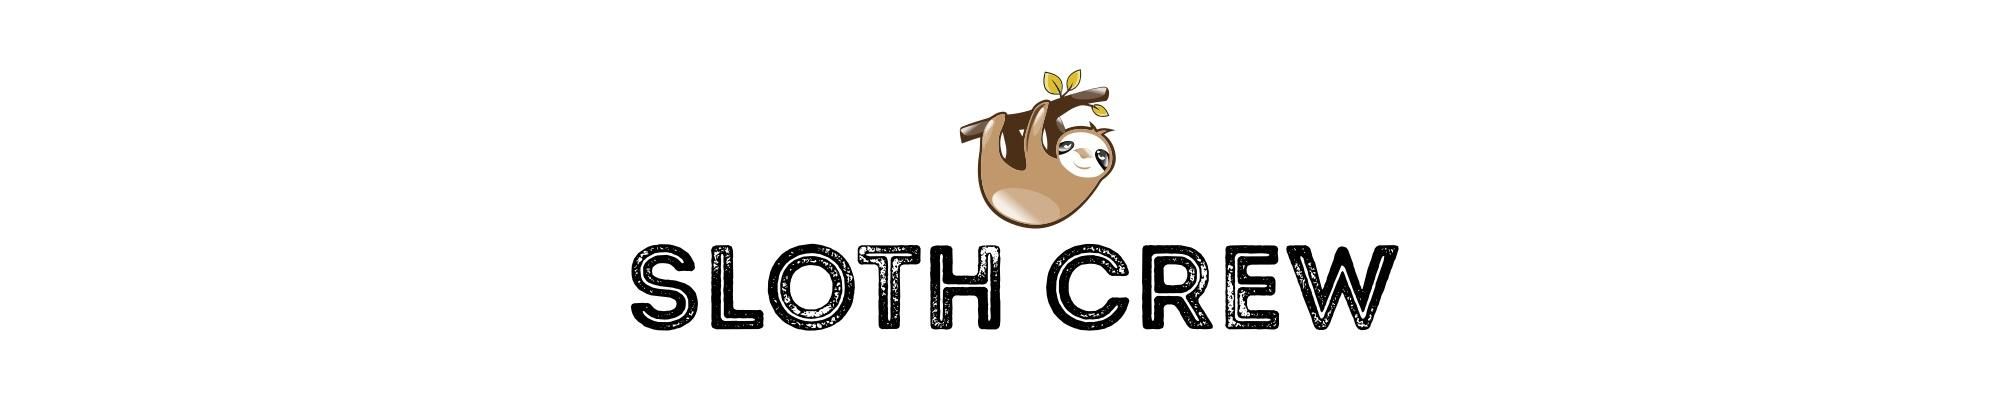 slothcrew Cover